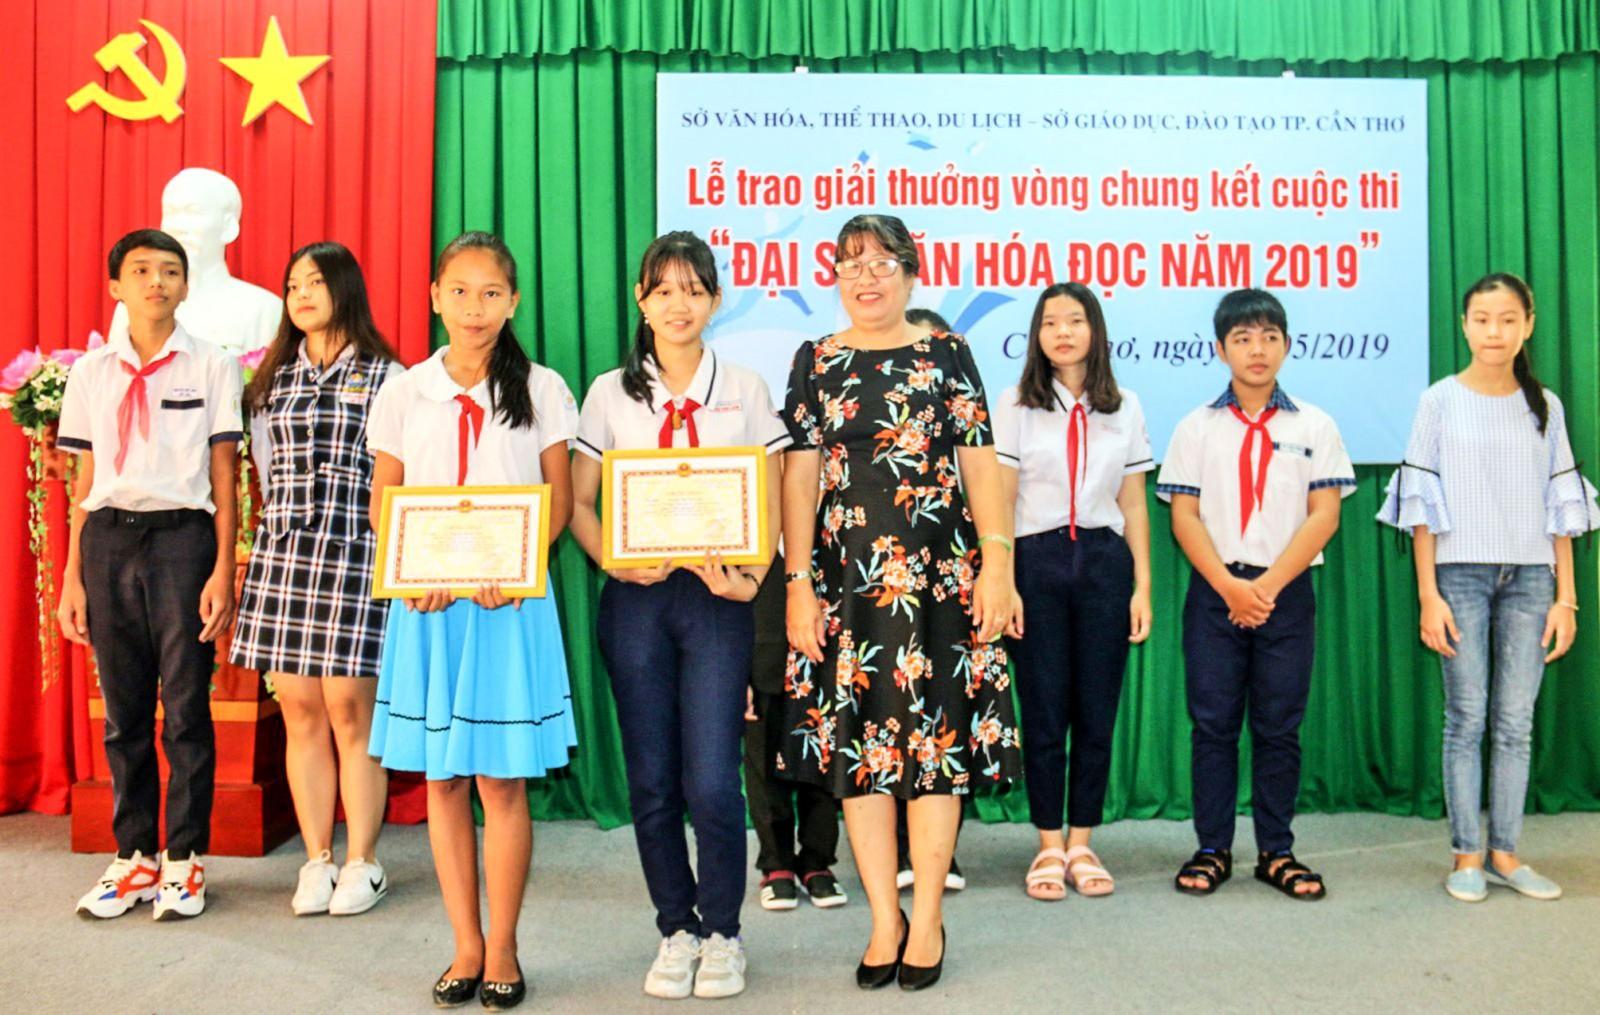 Bà Phan Thị Thùy Giang, Giám đốc Thư viện TP Cần Thơ, trao thưởng cho các em đoạt giải. Ảnh: ĐĂNG HUỲNH